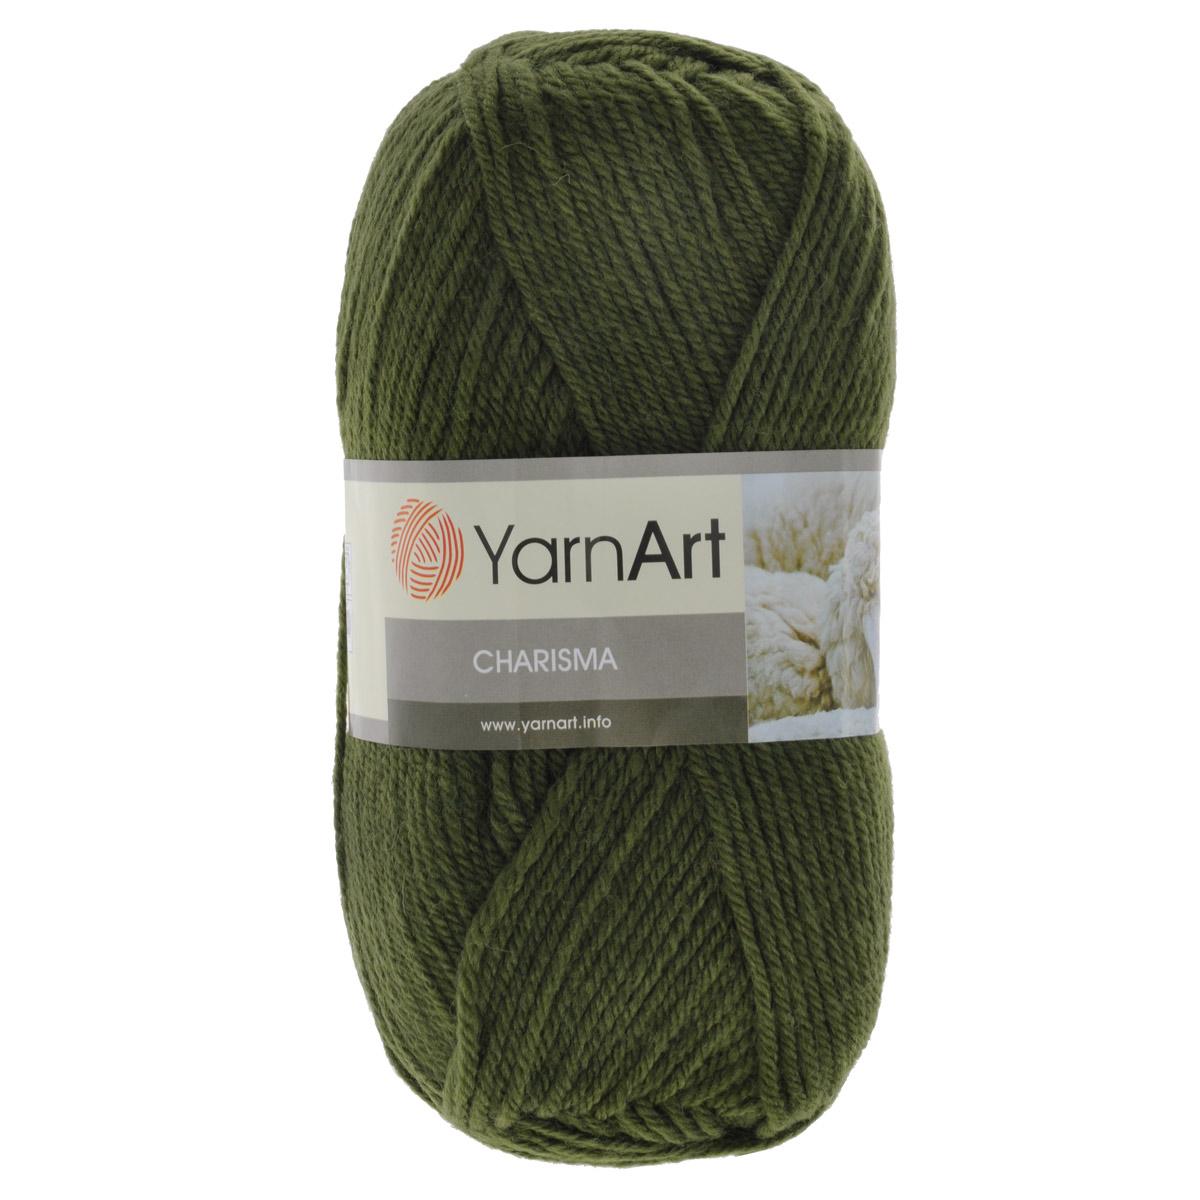 Пряжа для вязания YarnArt Charisma, цвет: болотный (530), 200 м, 100 г, 5 шт372032_530Пряжа для вязания YarnArt Charisma изготовлена из шерсти и акрила. Эта полушерстяная классическая пряжа подходит для ручного вязания. Нить мягкая, плотной скрутки, послушная, не расслаивается, не тянется, легко распускается и не деформируется. Благодаря преобладанию шерсти в составе пряжи, изделия получаются очень теплыми, а небольшой процент акрила придает практичности, поэтому вещи из этой пряжи не деформируются после стирки и в процессе носки. Пряжа YarnArt Charisma — однотонной окраски с небольшим матовым эффектом. Ей можно оригинально декорировать вязаные из другой пряжи изделия. Пряжа окрашена стойкими качественными красителями, не линяет. Рекомендуются спицы 4 мм, крючок 5 мм. Состав: 80% шерсть, 20% акрил.